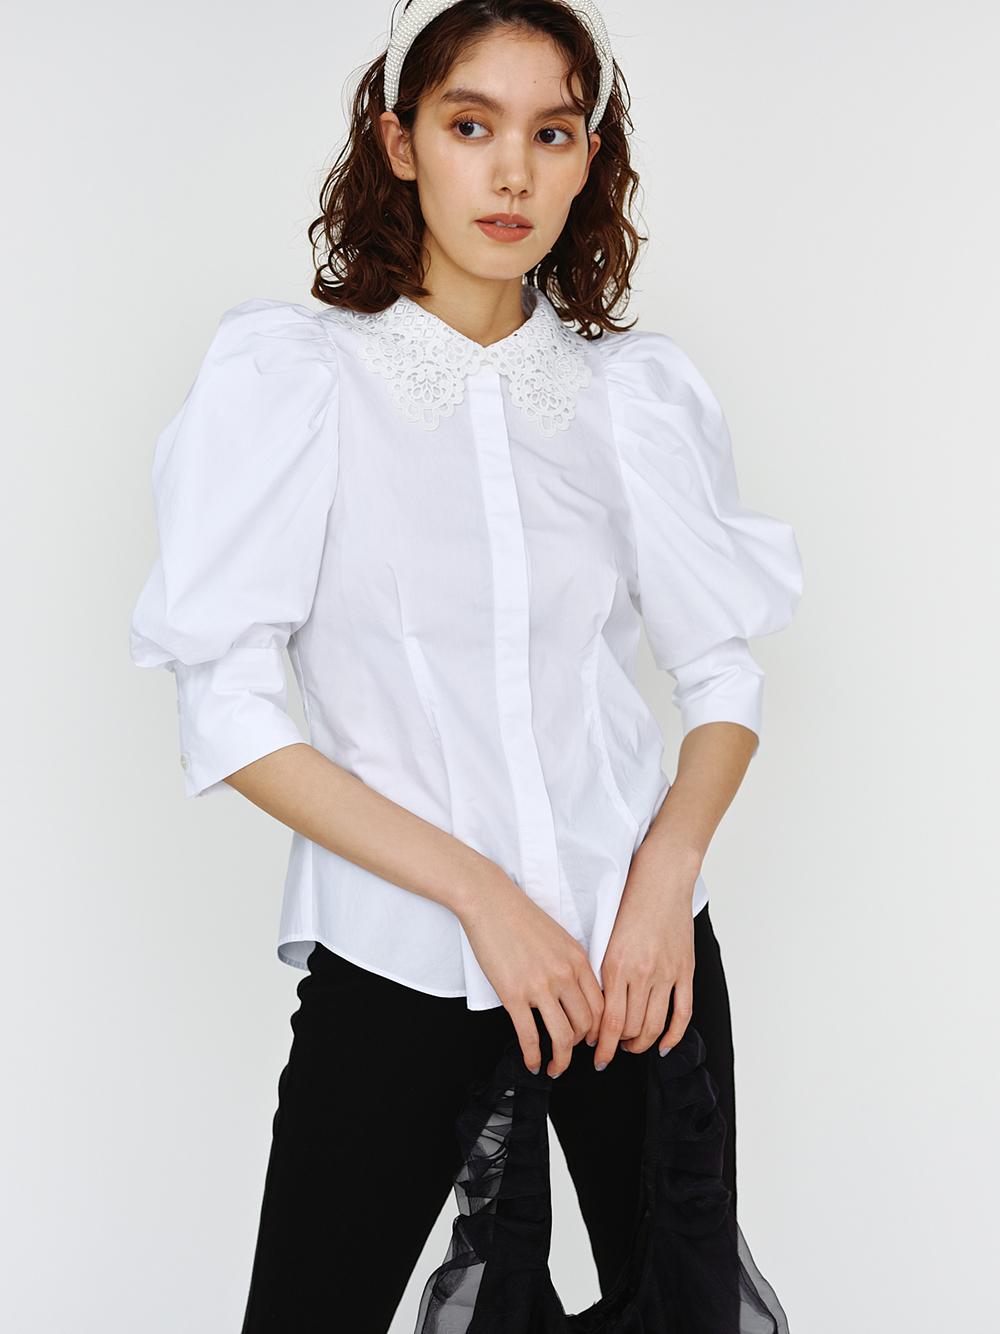 ORGANICS蕾絲領襯衫